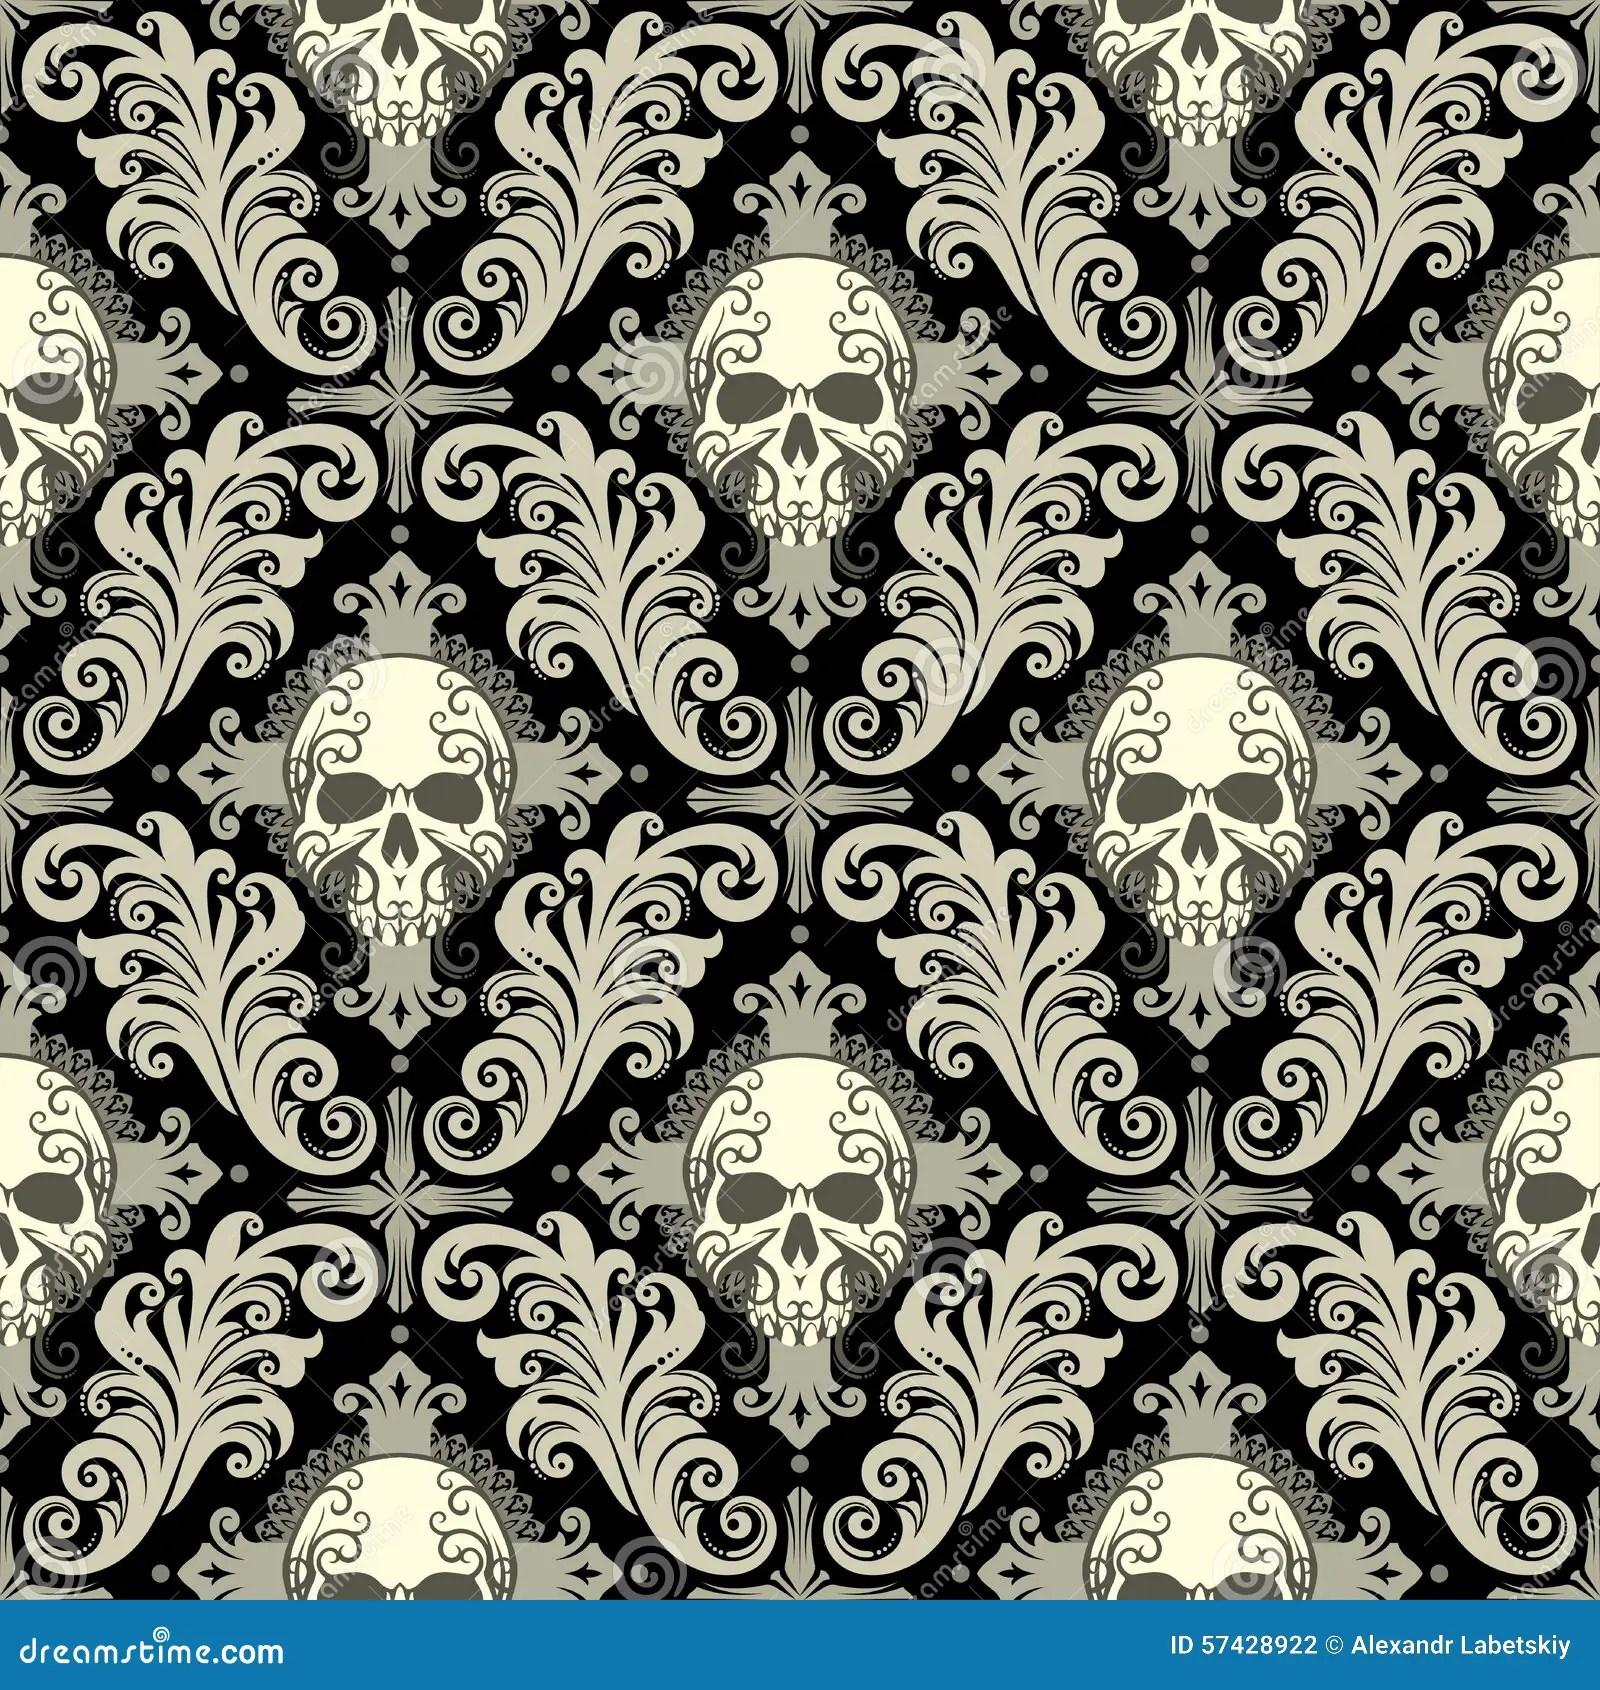 Wallpaper Black And White Damask Skull Damask Stock Vector Image 57428922